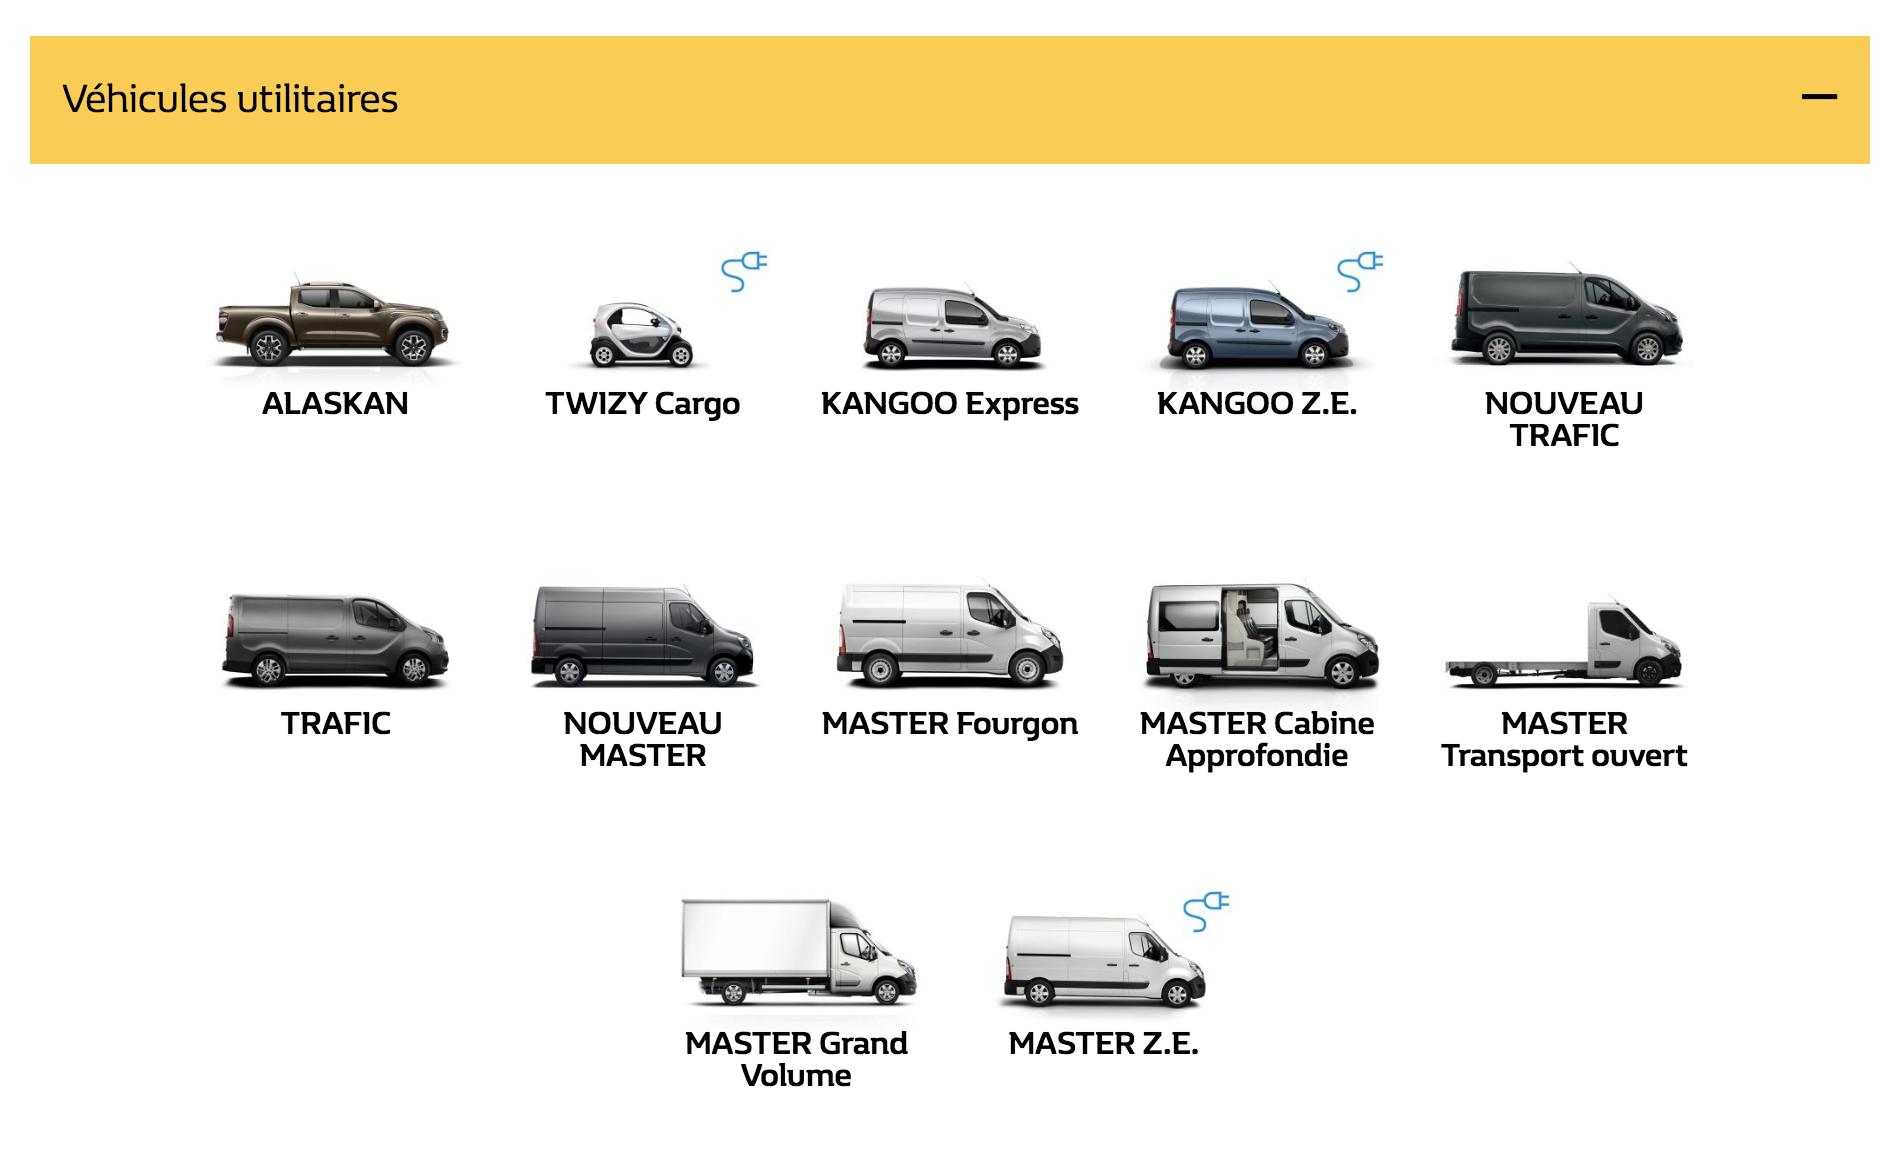 Vehicules_Utilitaires